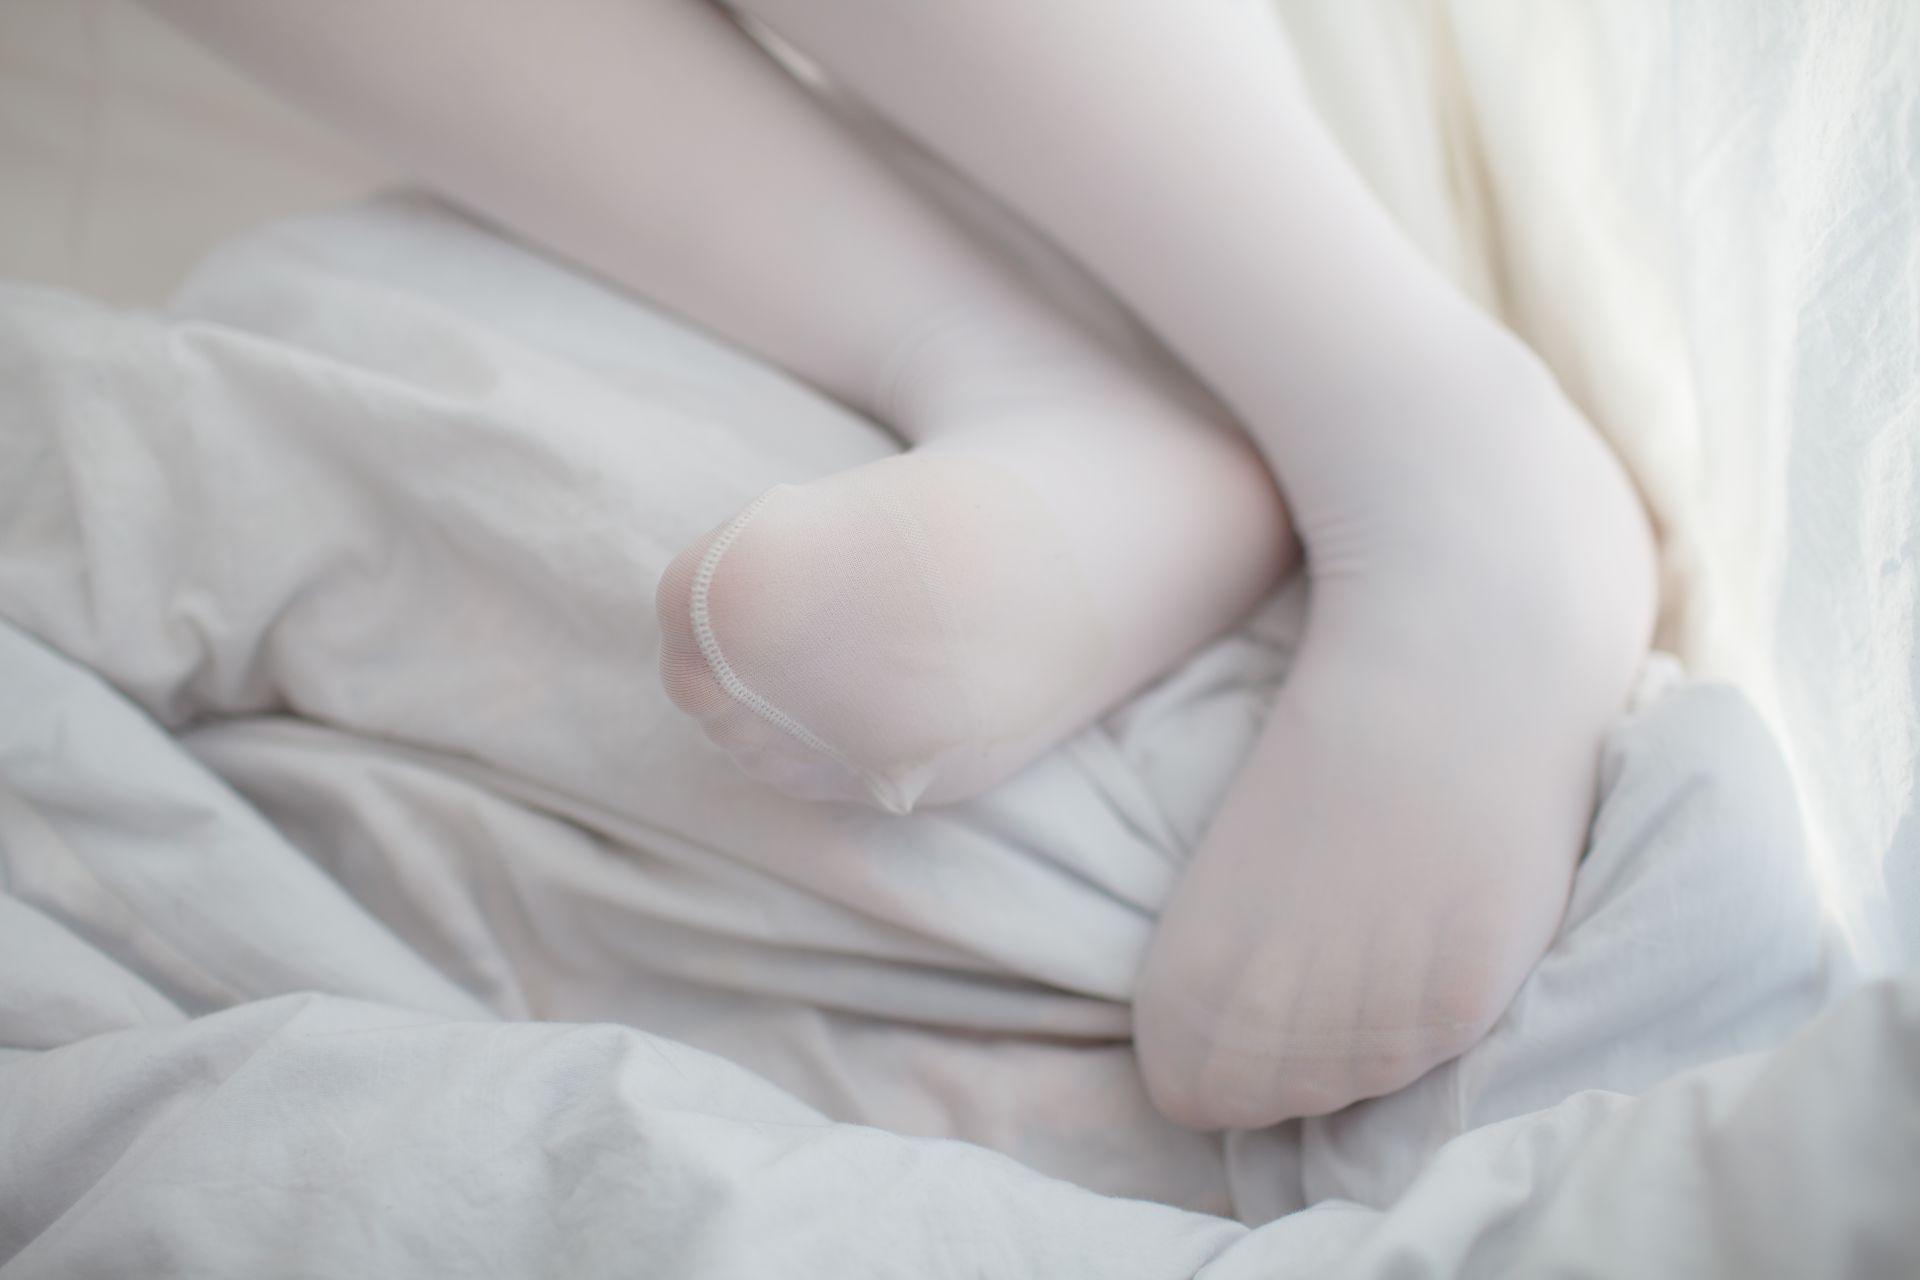 少女秩序 VOL.012 少女的丝足特写 兔玩映画 第11张